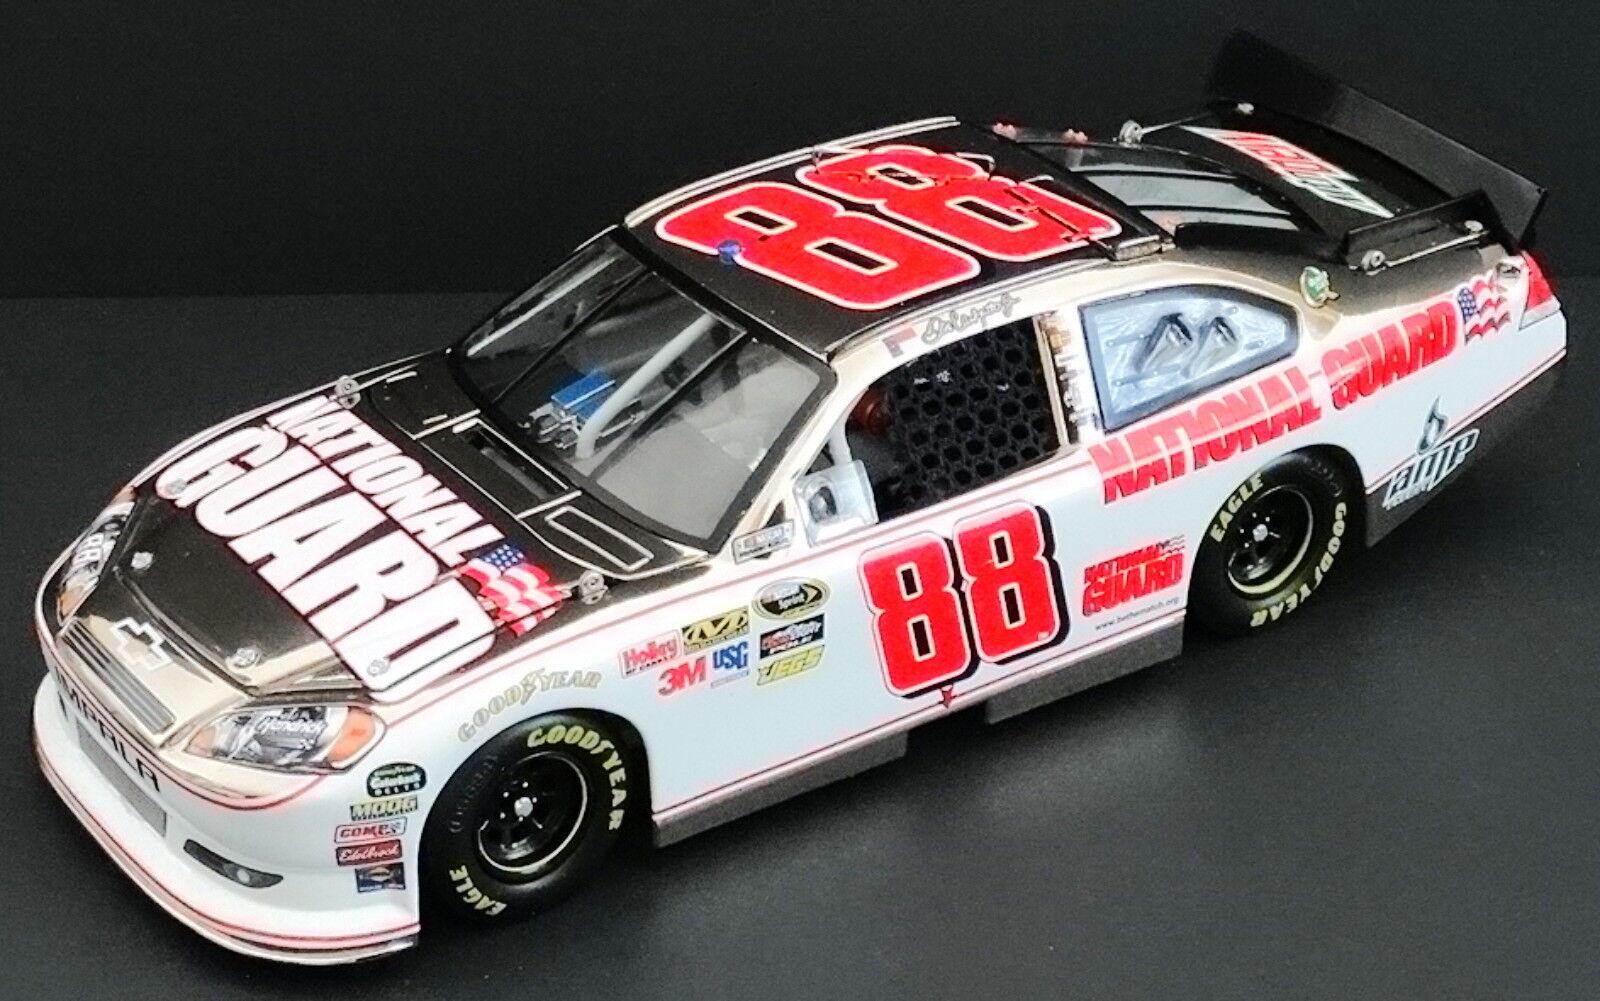 fino al 65% di sconto Dale Dale Dale Earnhardt, Jr.  88 Nat'l Guard AMP 1 24 ELITE bianca oro 2011 Impala 36 48  prezzo ragionevole